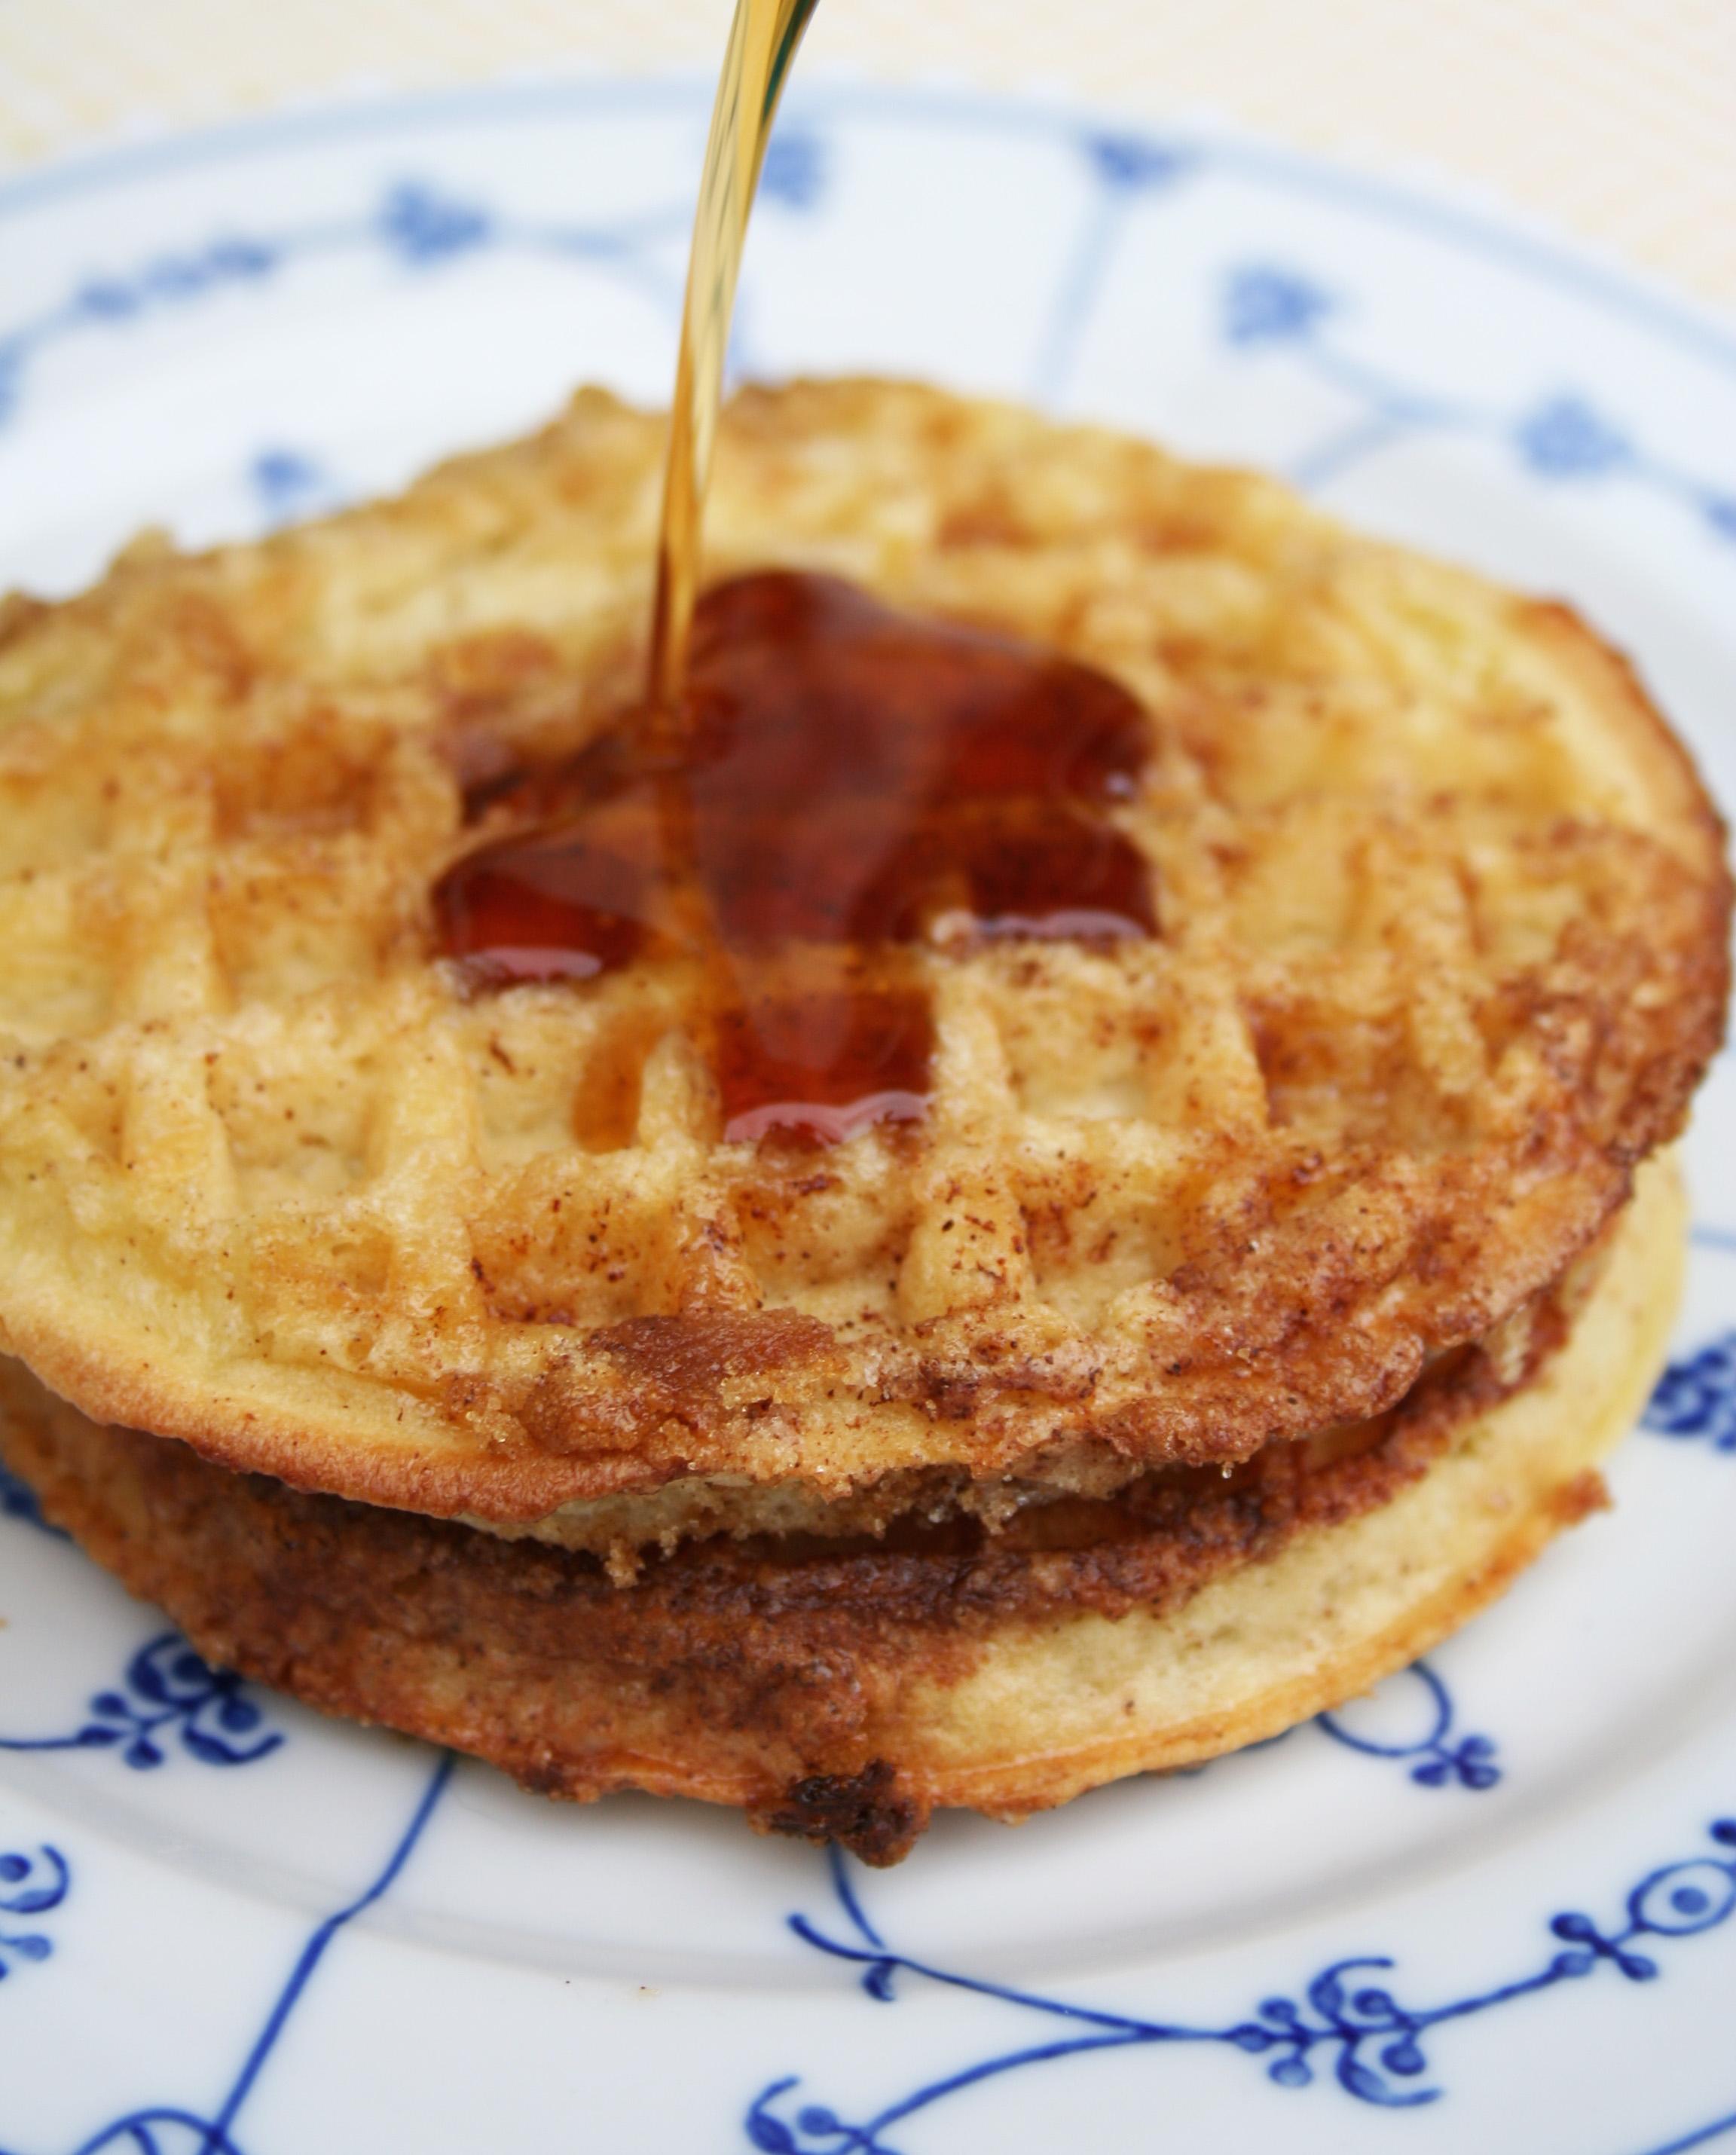 Syrup on waffle